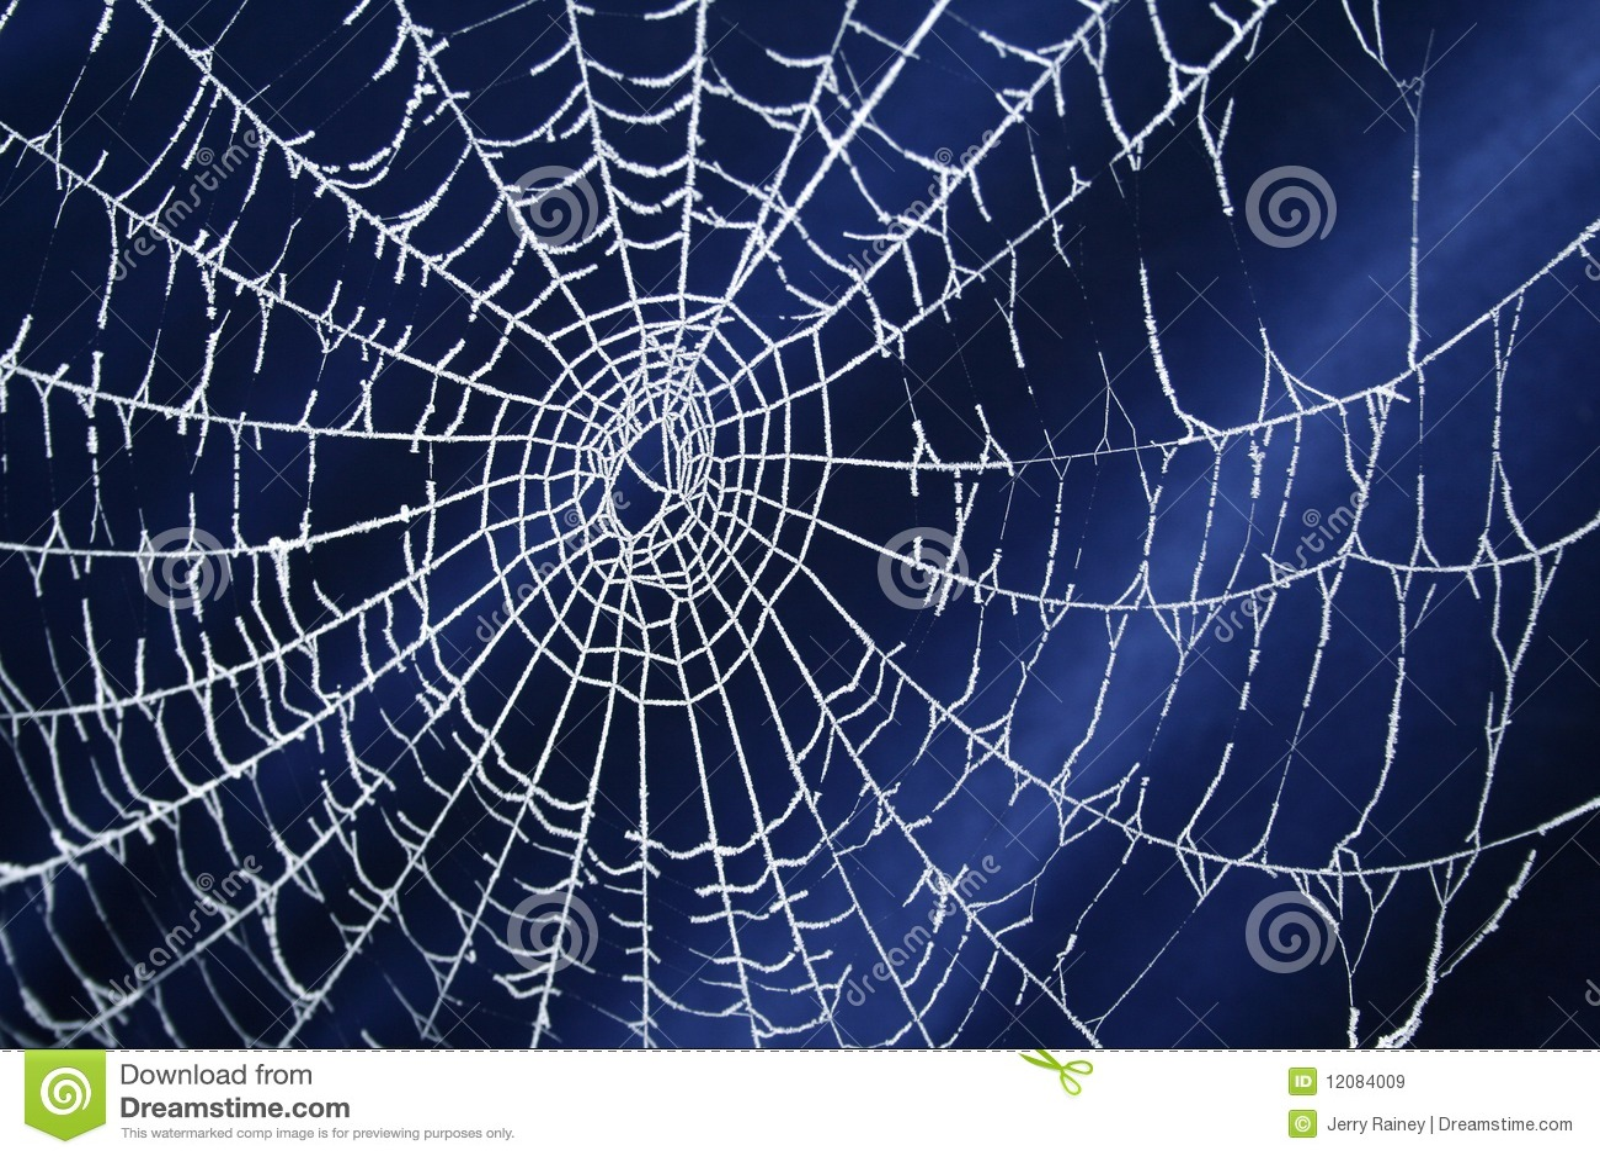 冻结的蜘蛛网